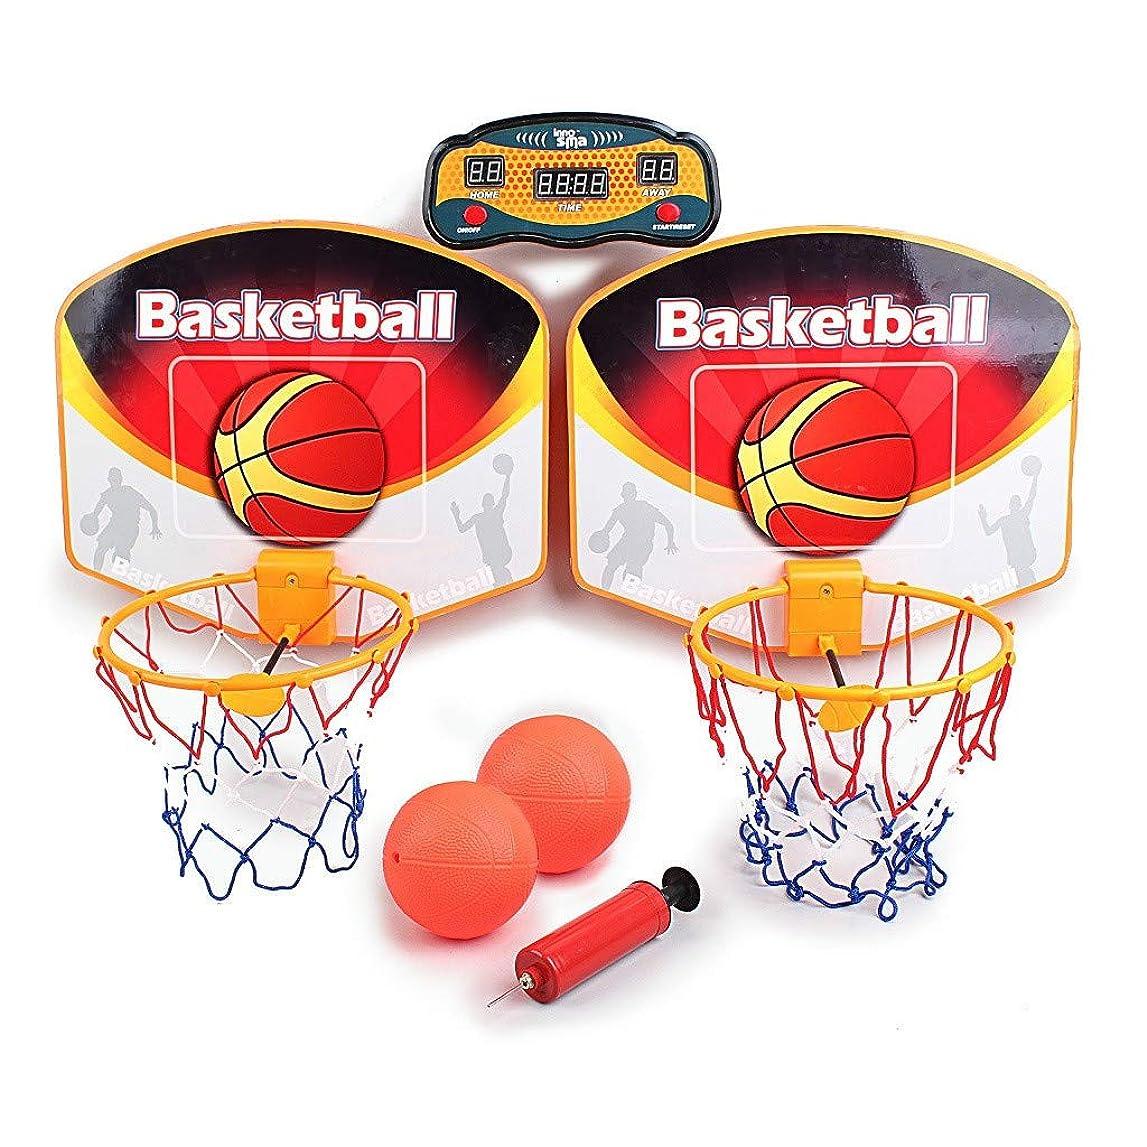 切り刻む合意工場Elaco バスケットボールシューティングゲーム ダブルバスケットボールボード 親子インタラクションおもちゃ LEDスクリーンスコラー付き 男の子と女の子用 バスケットボールフープセット 大人用 ストレス軽減